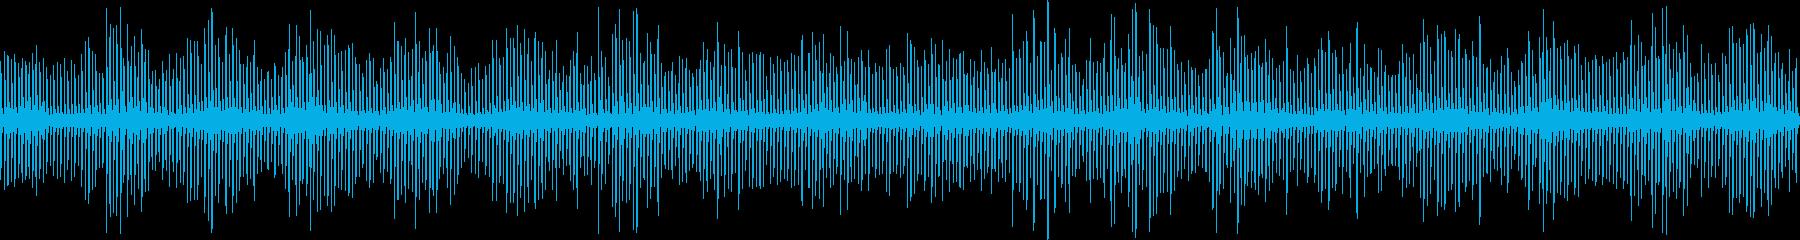 【ニュース/報道/ポップス/トランス】の再生済みの波形